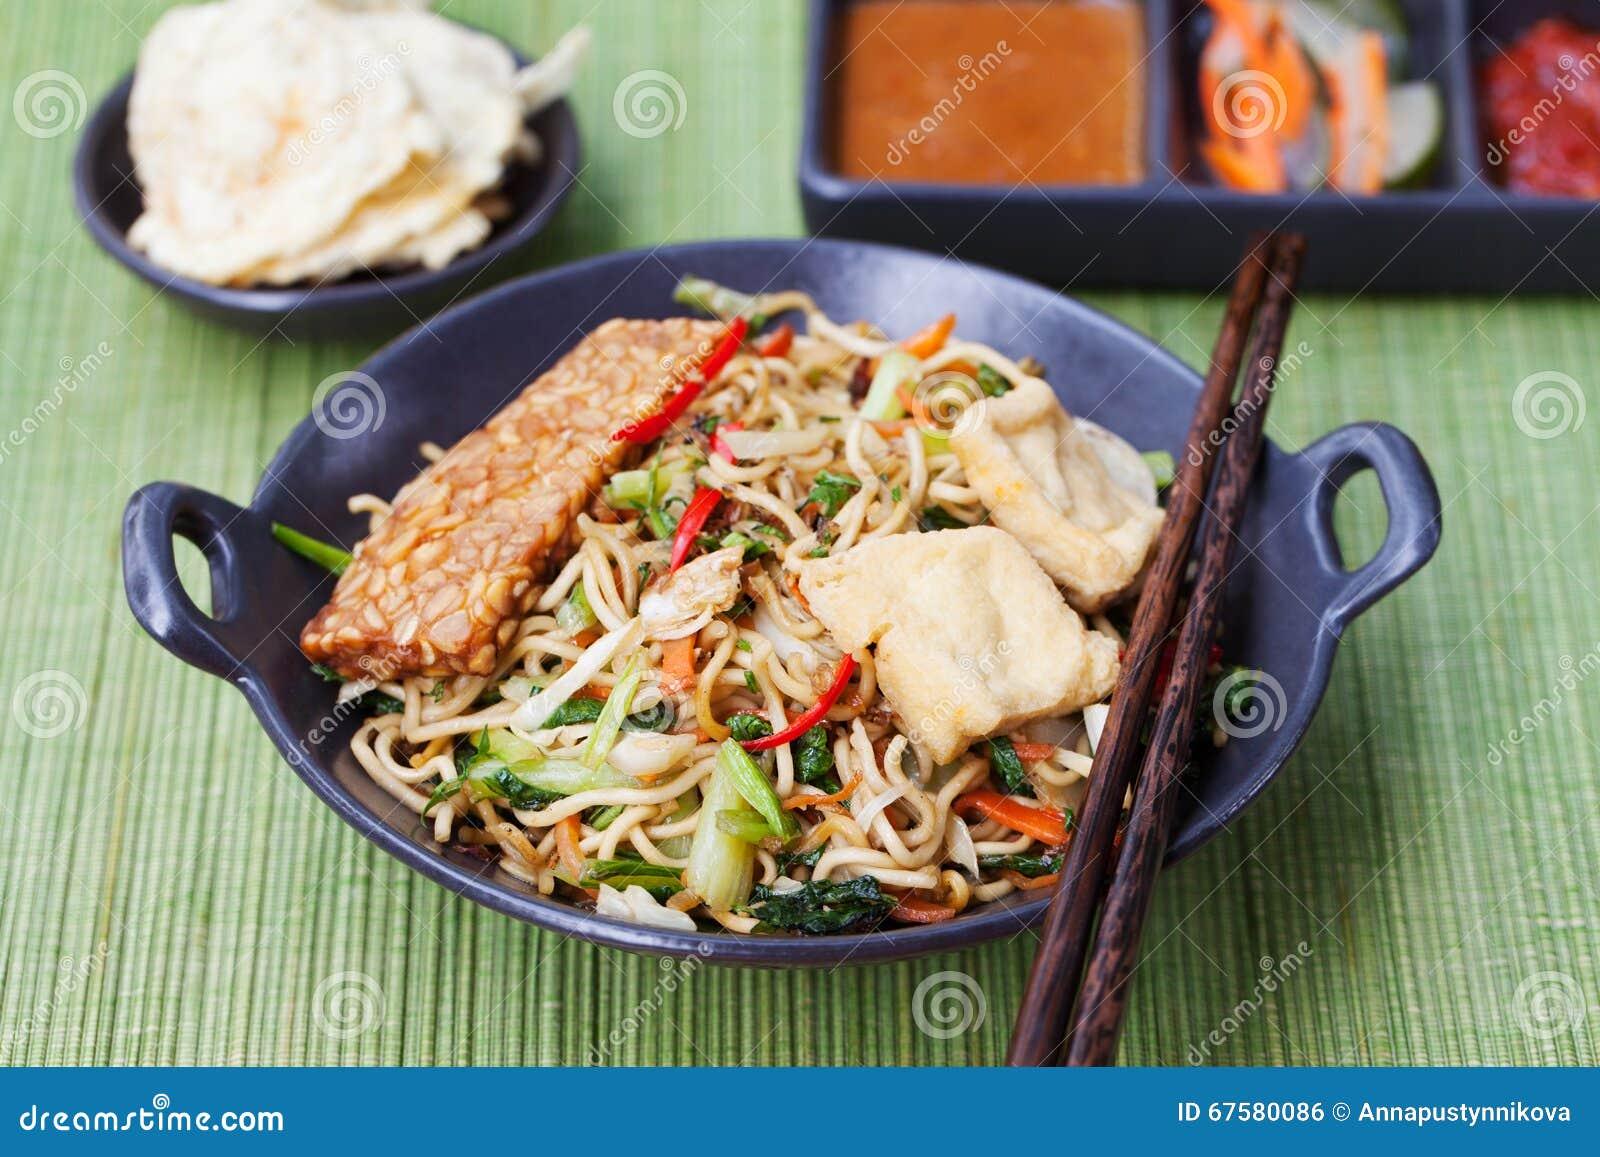 MI-goreng, mee goreng indonesische Küche, würziger Aufruhr briet Nudeln mit und Zusammenstellung von asiatischen Soßen